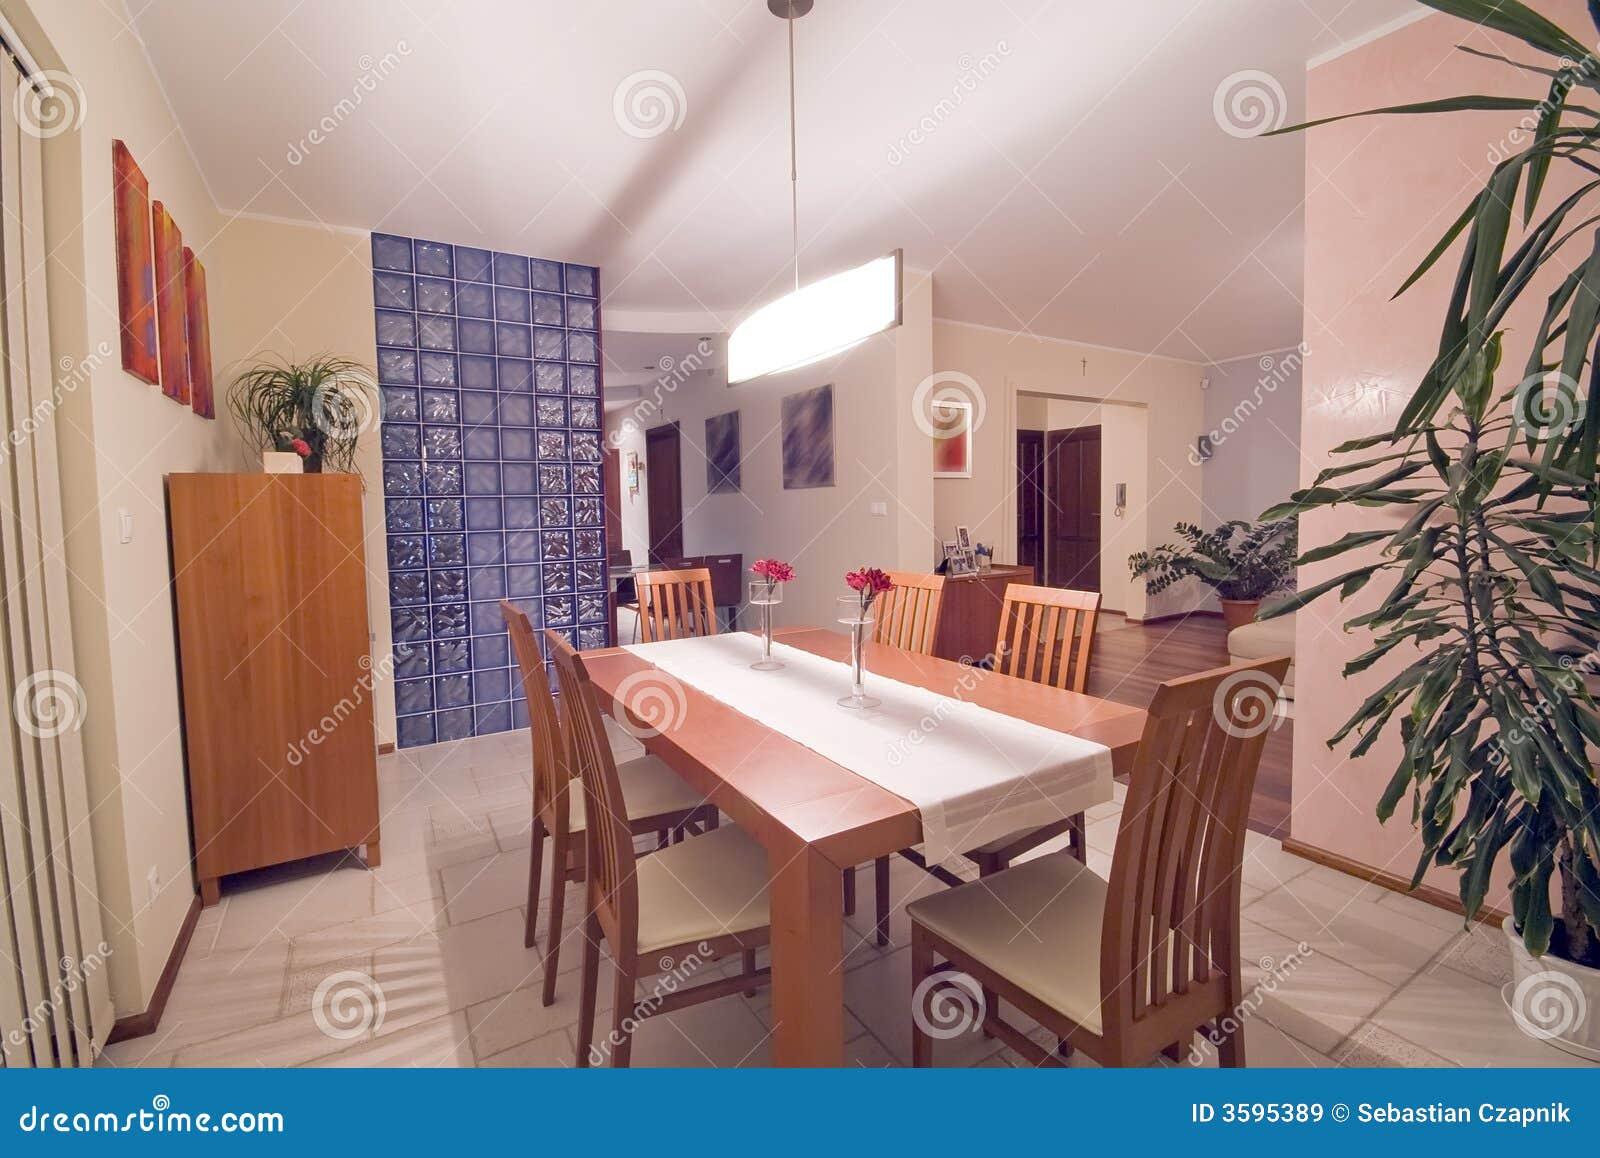 Sala da pranzo immagini stock libere da diritti immagine for Pianta della sala da pranzo